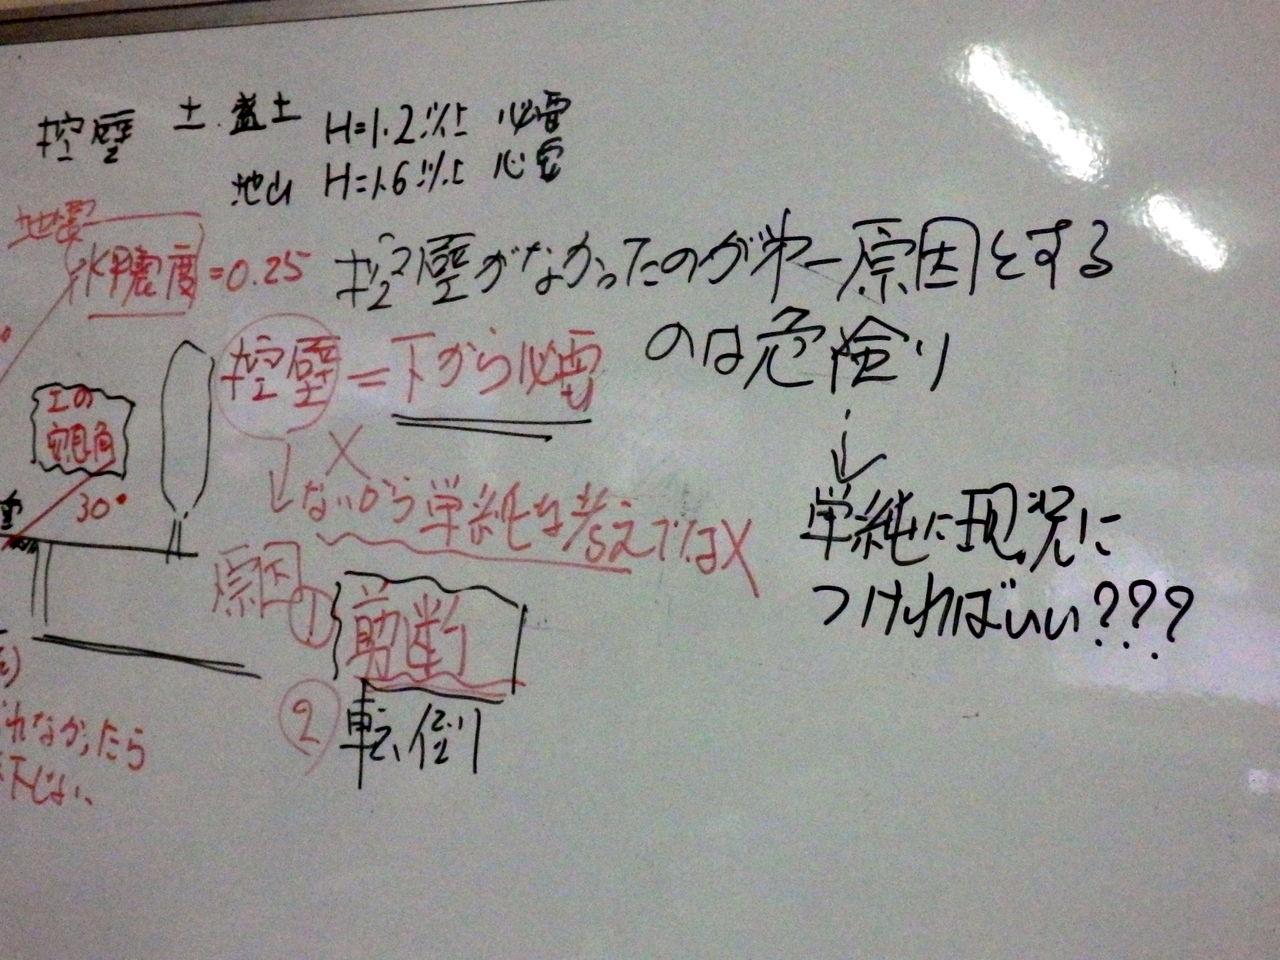 大阪地震 (4)